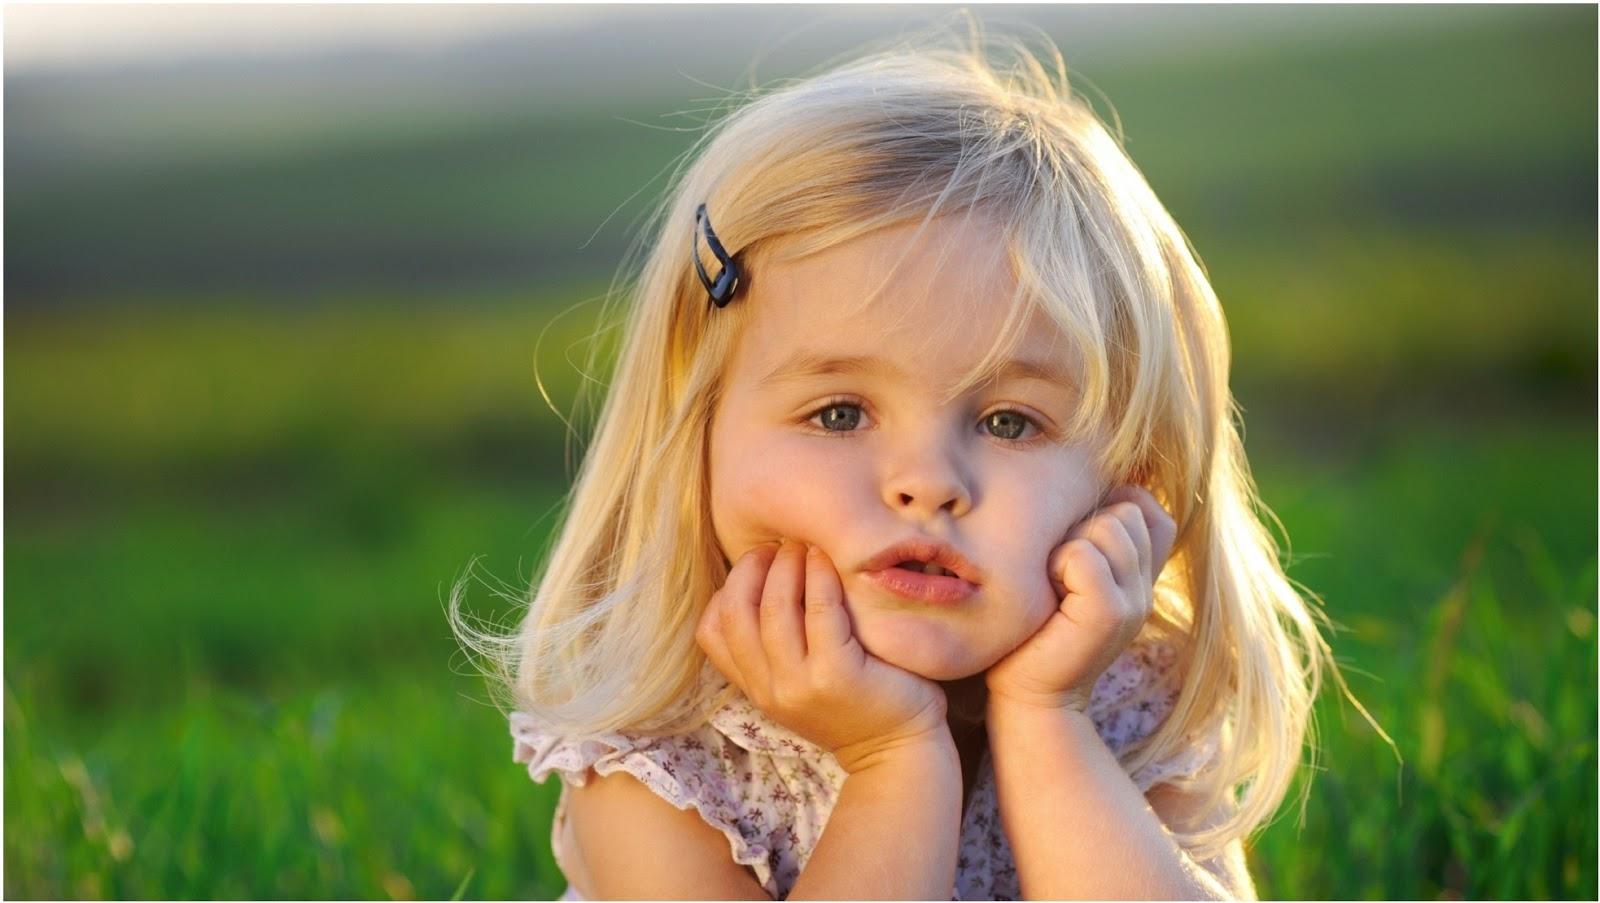 بالصور بنت كيوت , صور لاجمل البنات الحلوة 3439 10